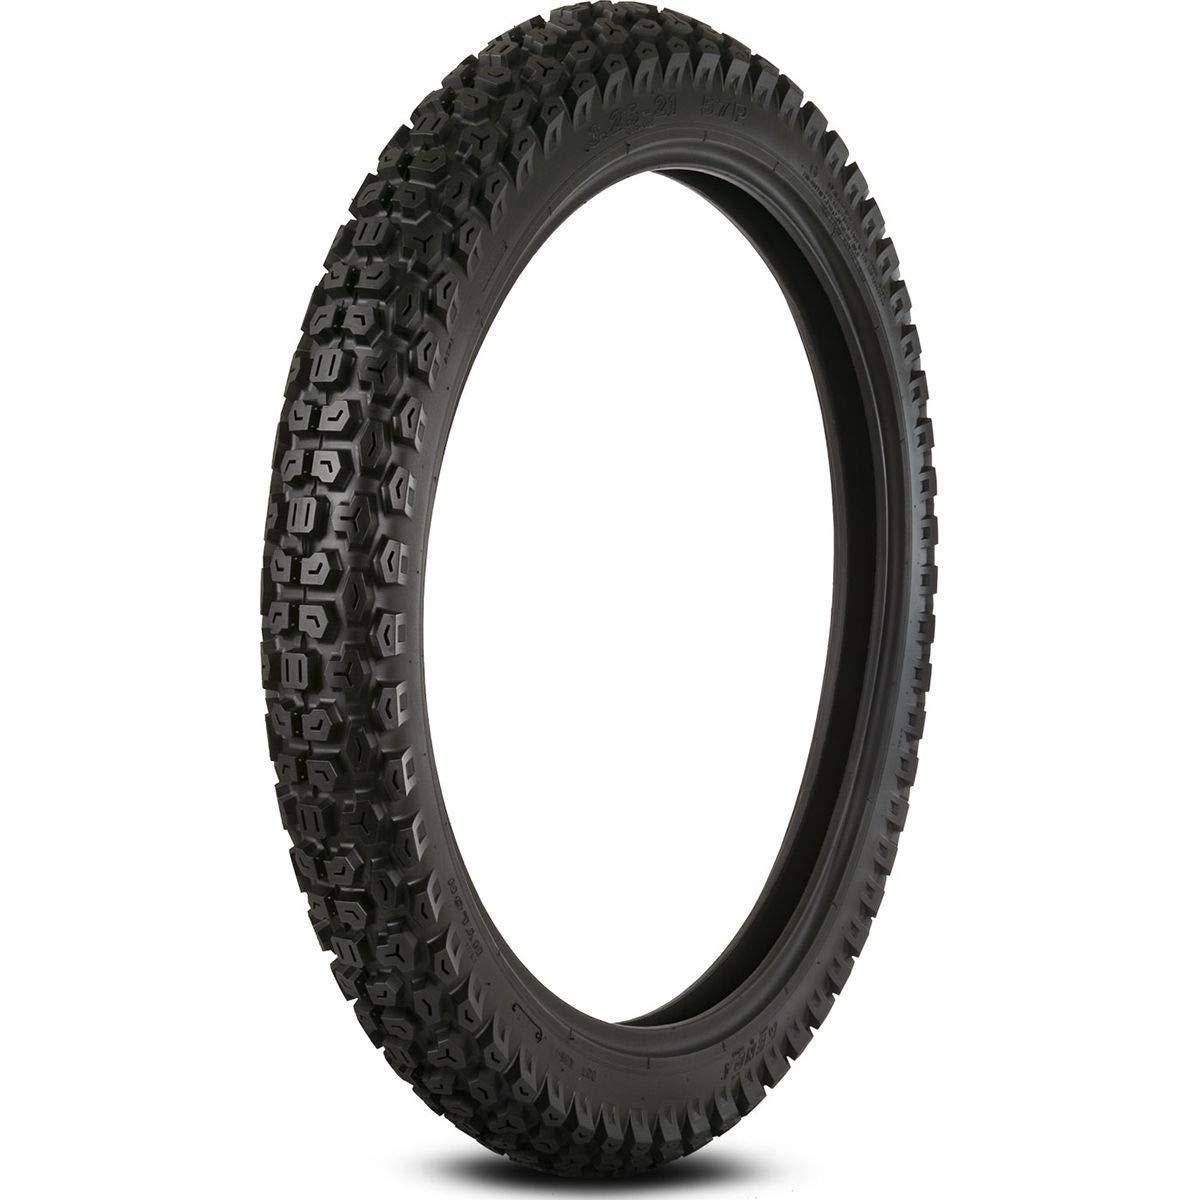 Kenda K270 Dual Dual/Enduro Front Motorcycle Bias Tire}